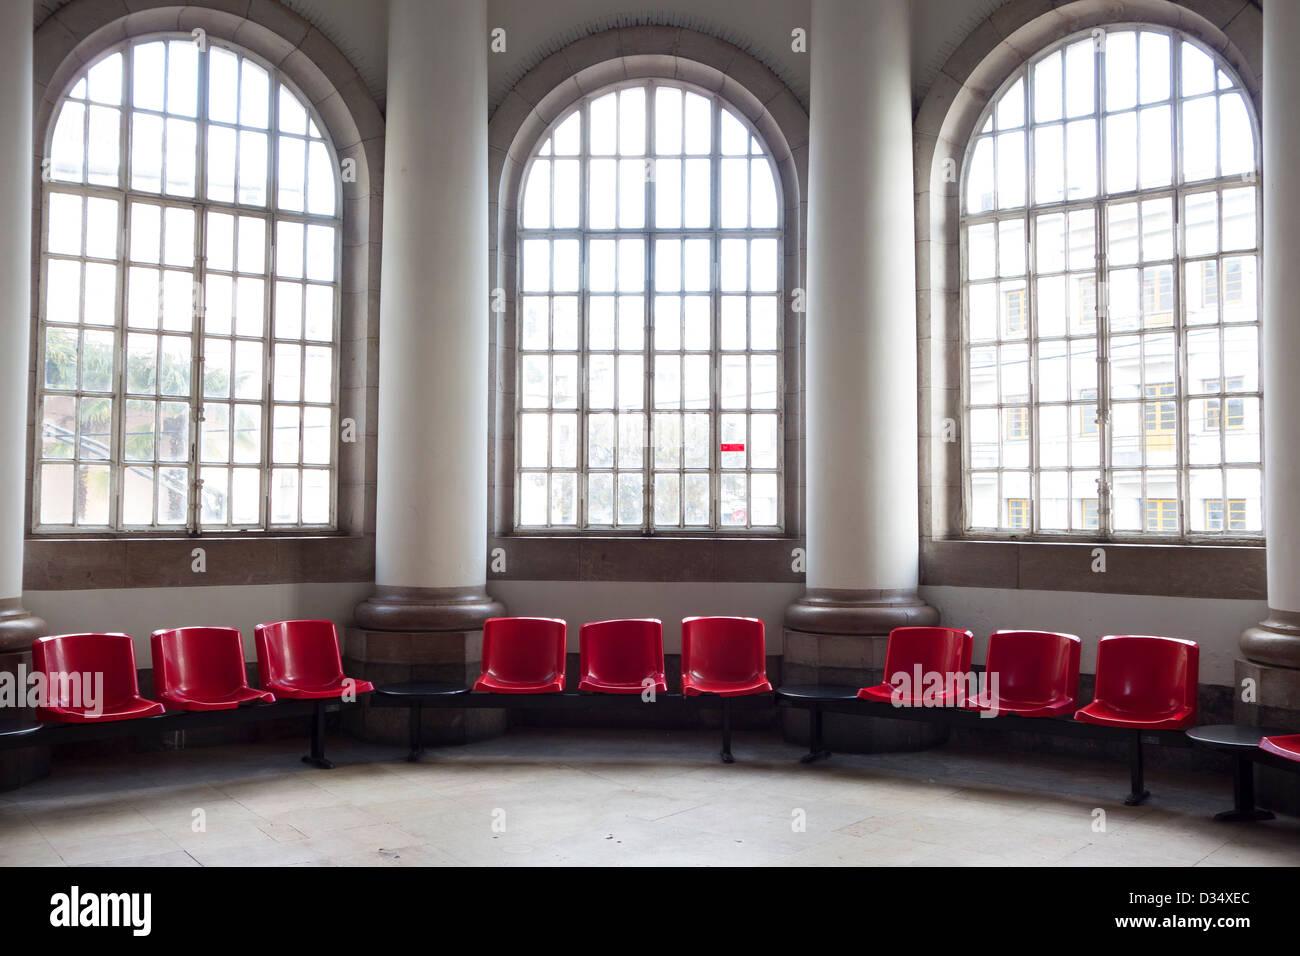 Svuotare il salotto con sedie rosse e grandi finestre Immagini Stock